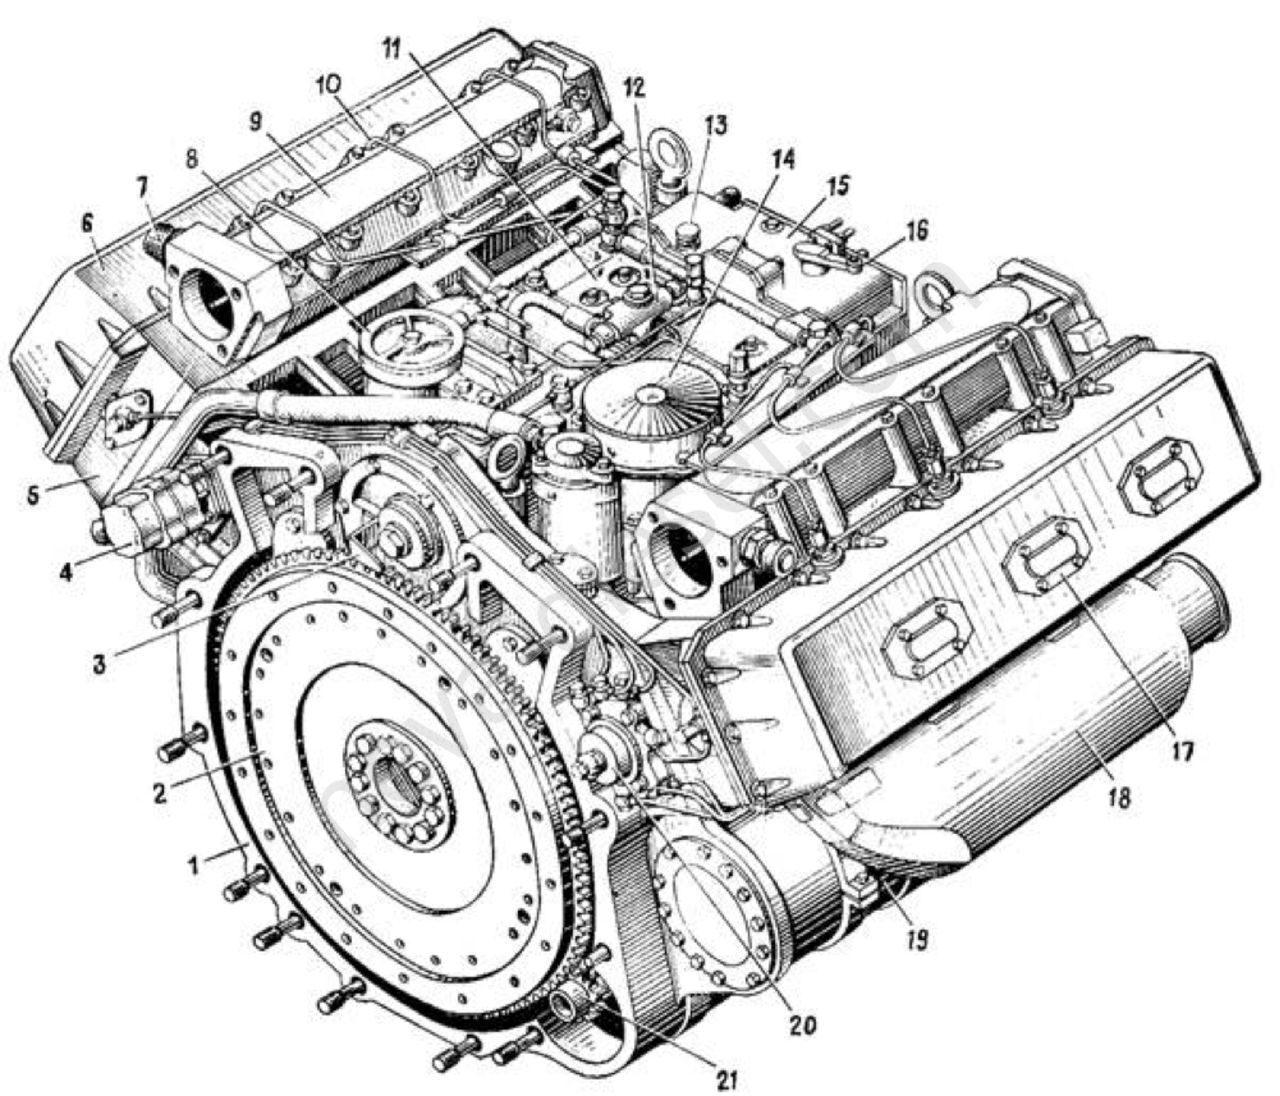 Инструкция по ремонту двигателя zetor